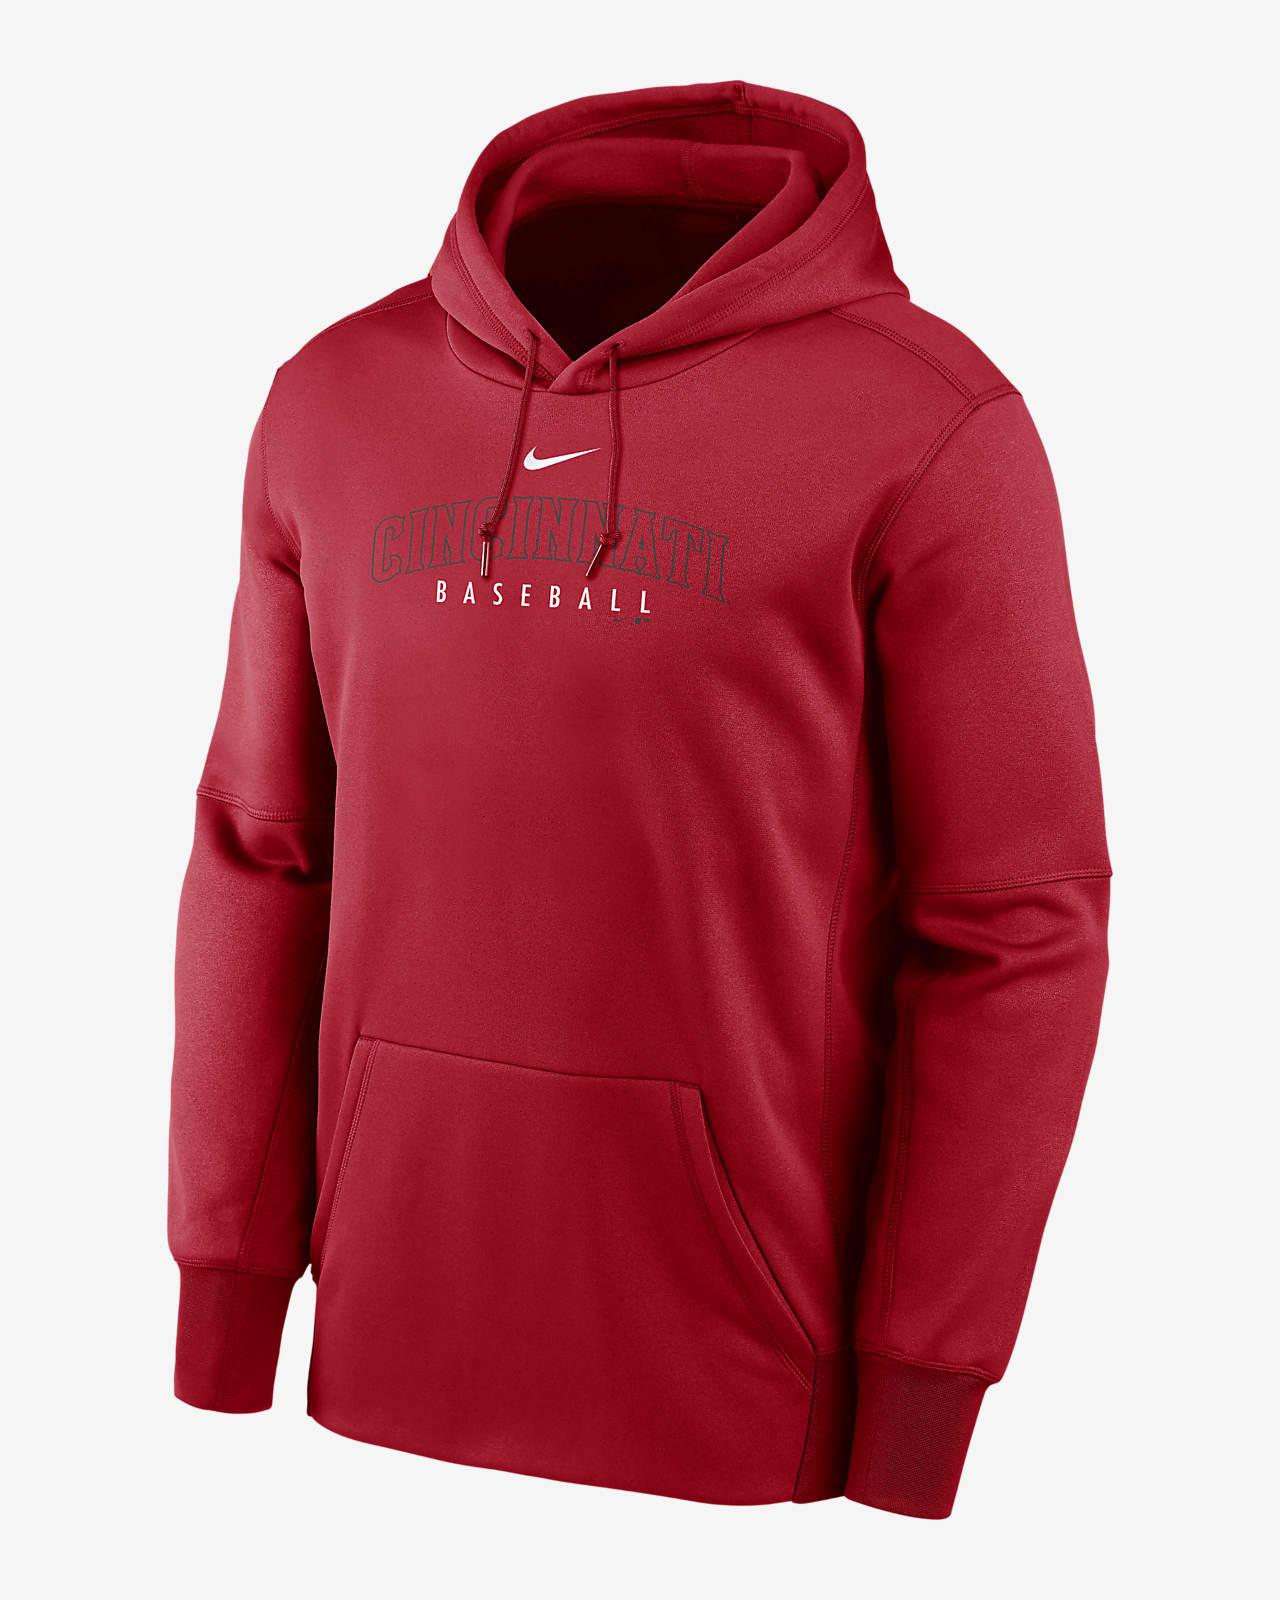 Nike Therma Outline Wordmark (MLB Cincinnati Reds) Men's Pullover Hoodie